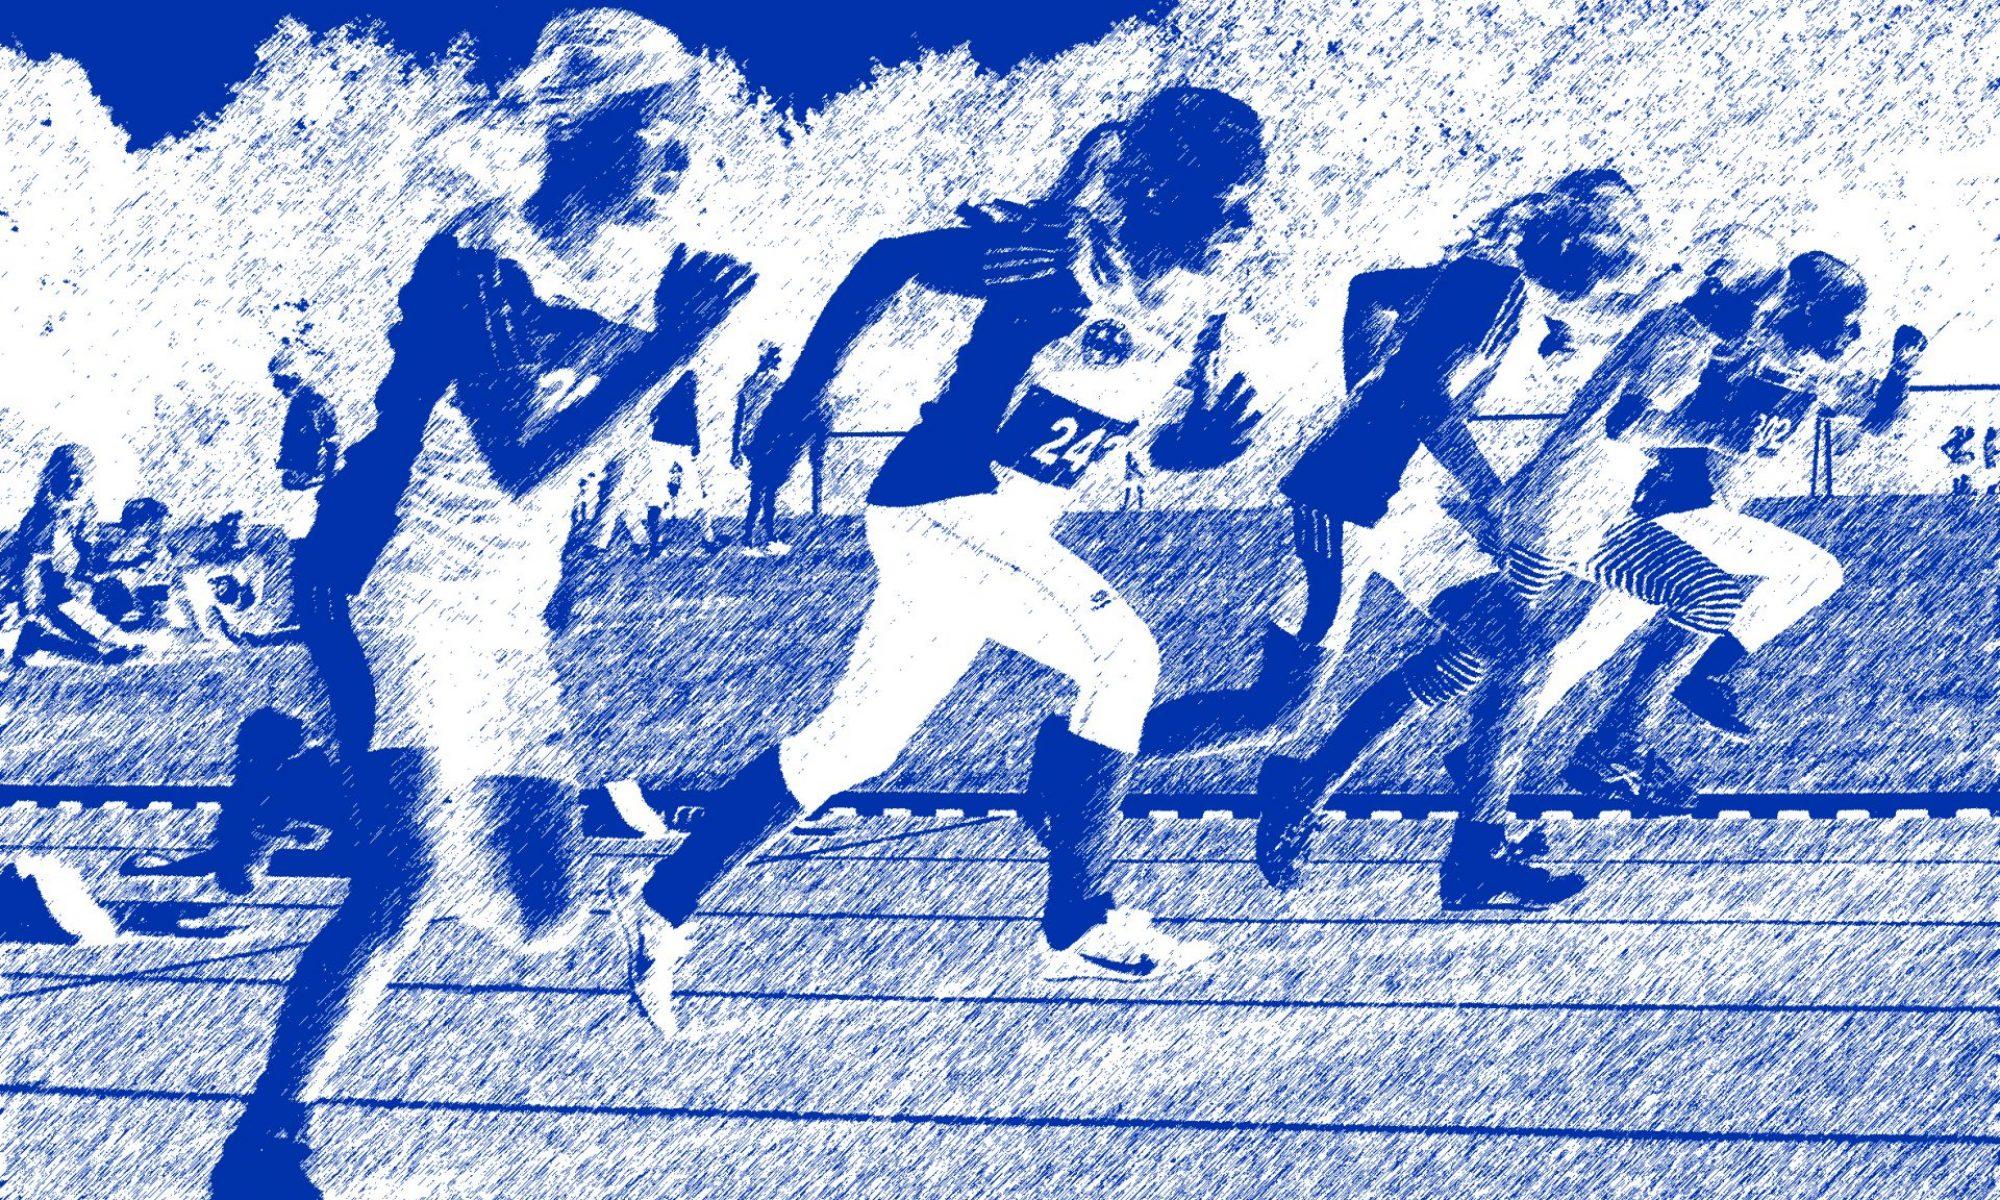 USC-Bochum Leichtathletik e.V.